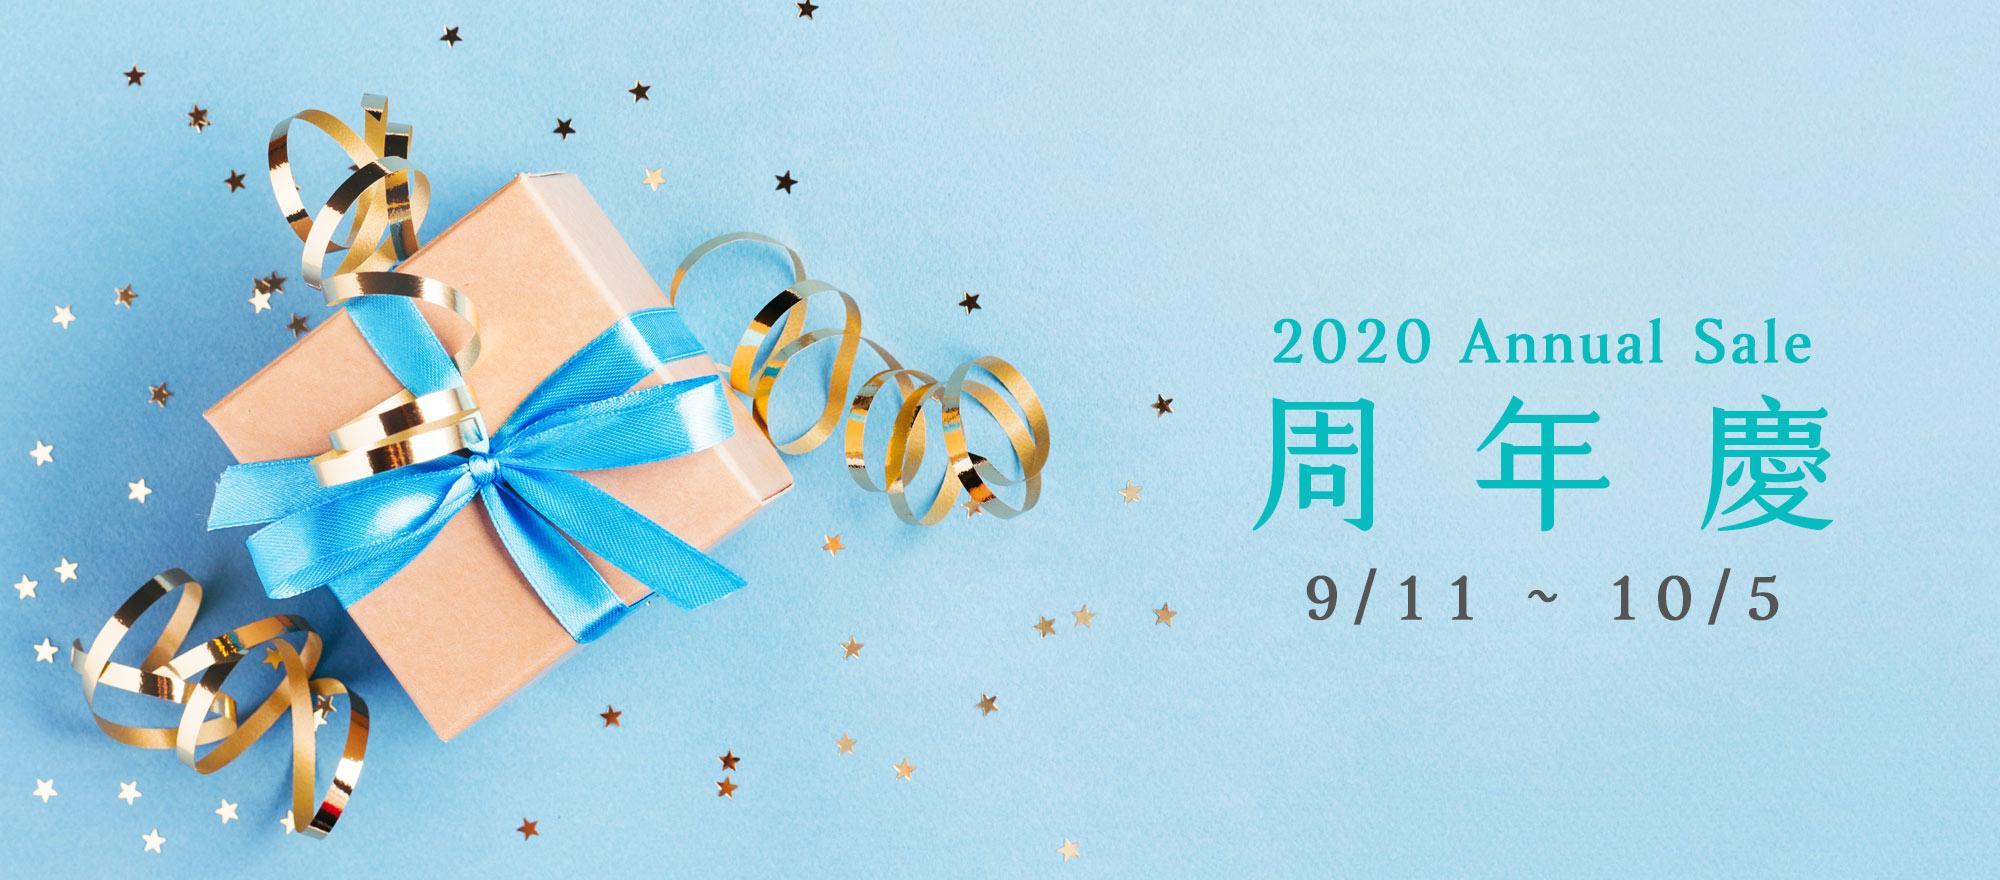 2020 米該亞周年慶